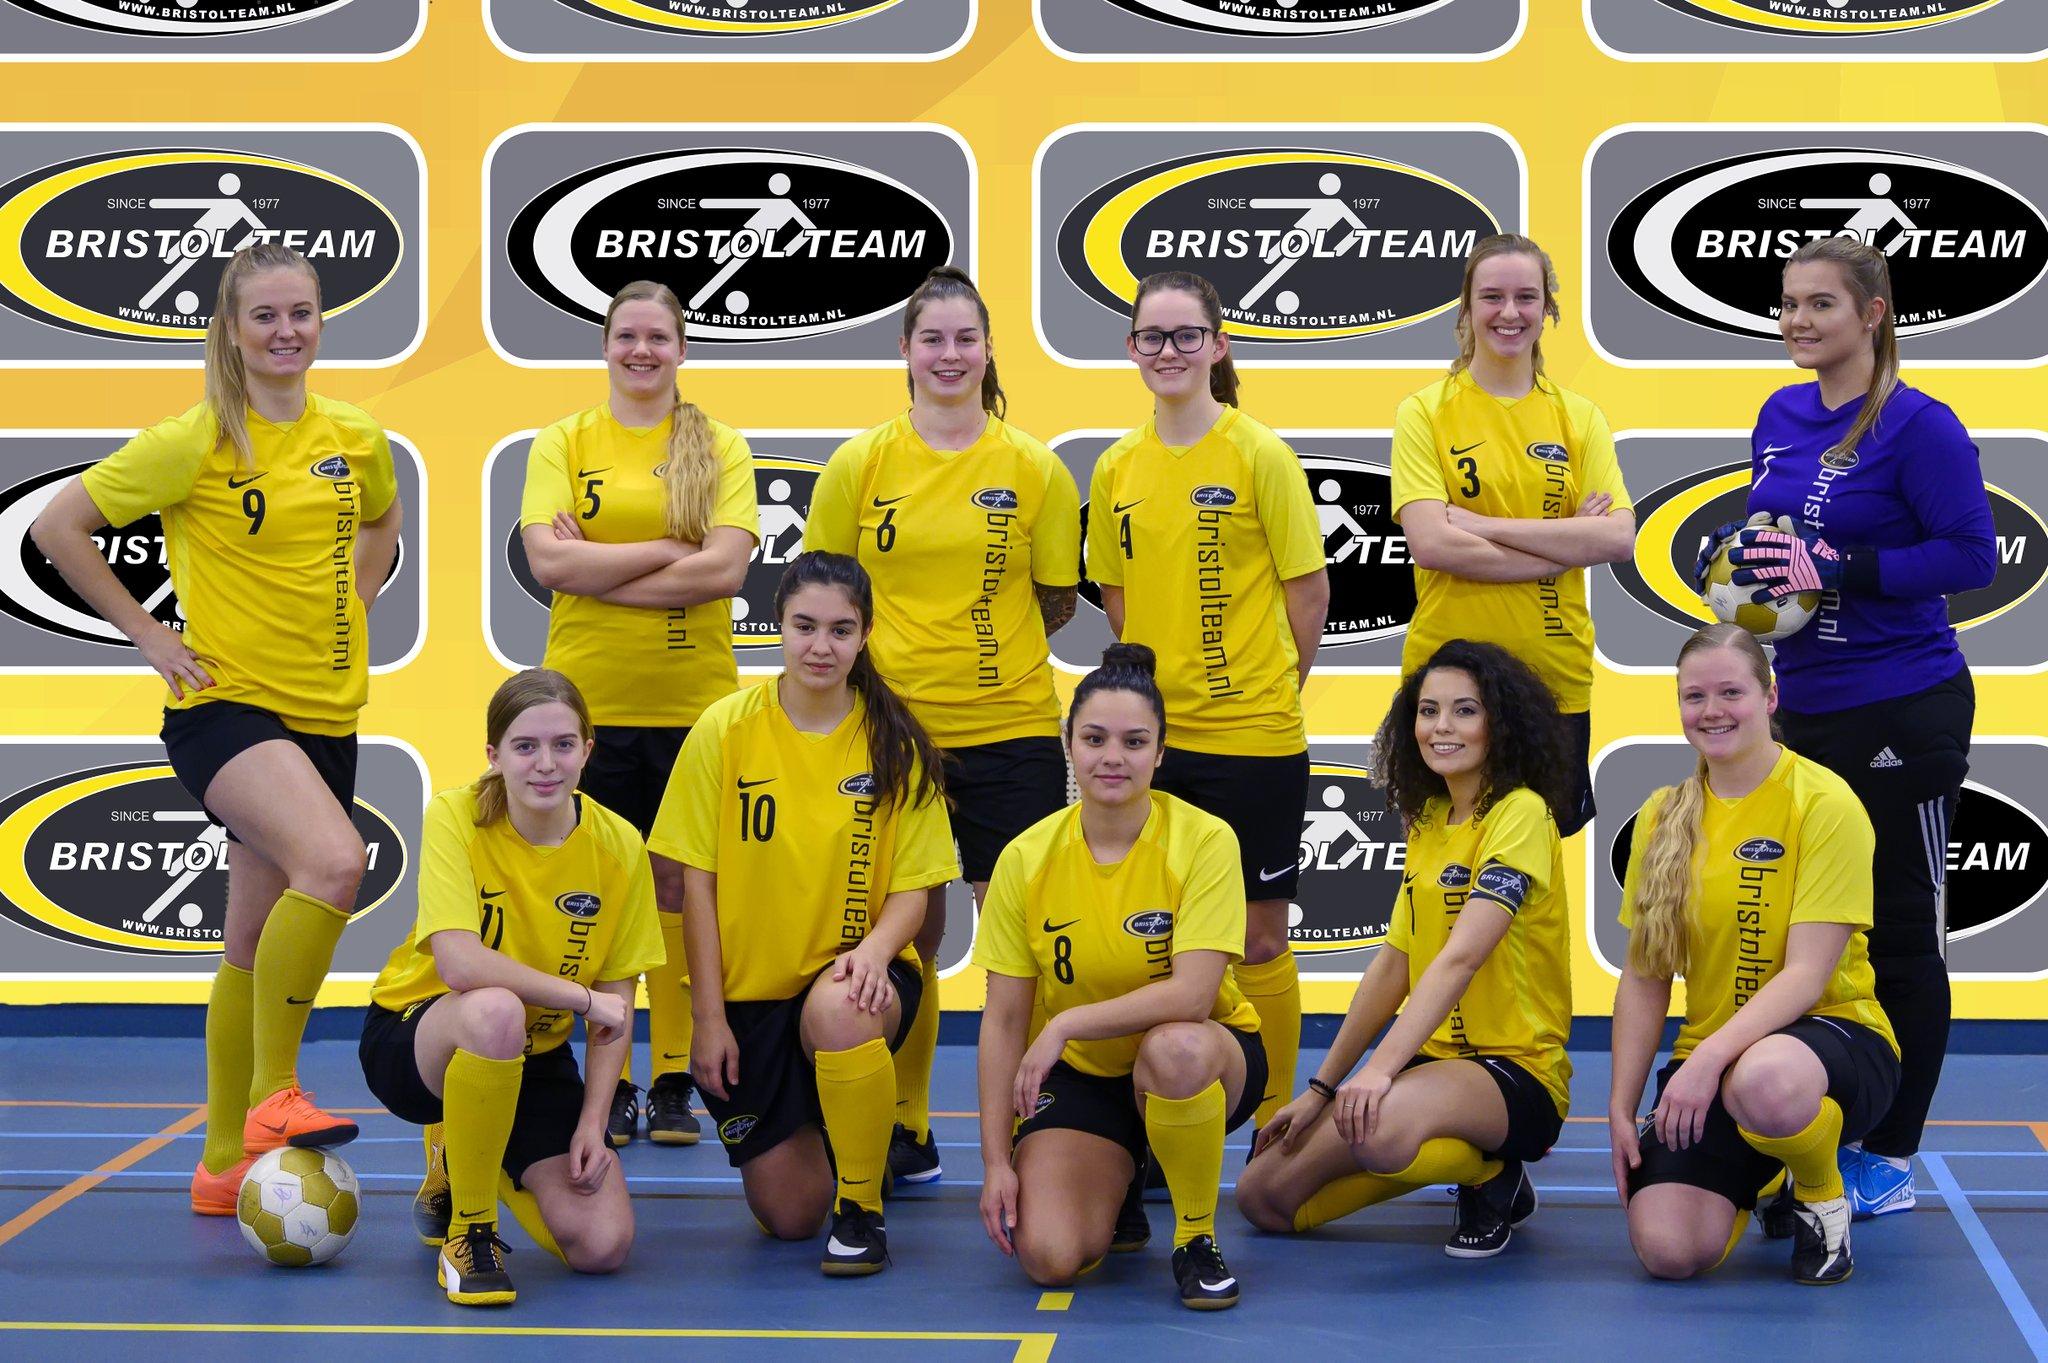 Zaalvrouwen Bristol Team zoeken speelsters en keepster